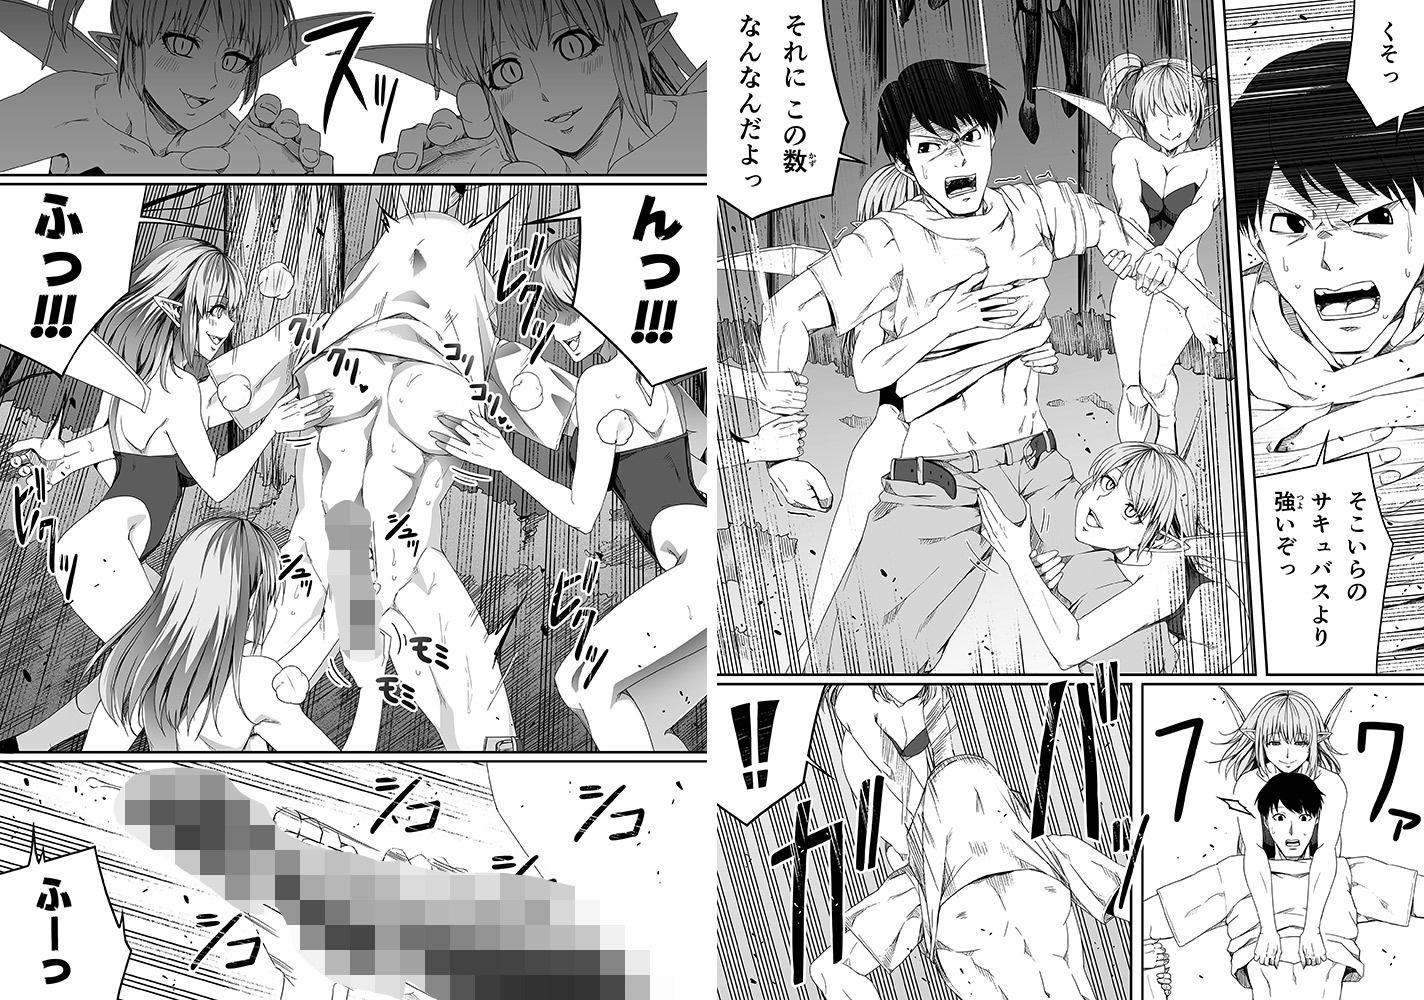 力あるサキュバスは性欲を満たしたいだけ 4【同人エロ漫画】(Road=ロード=)5